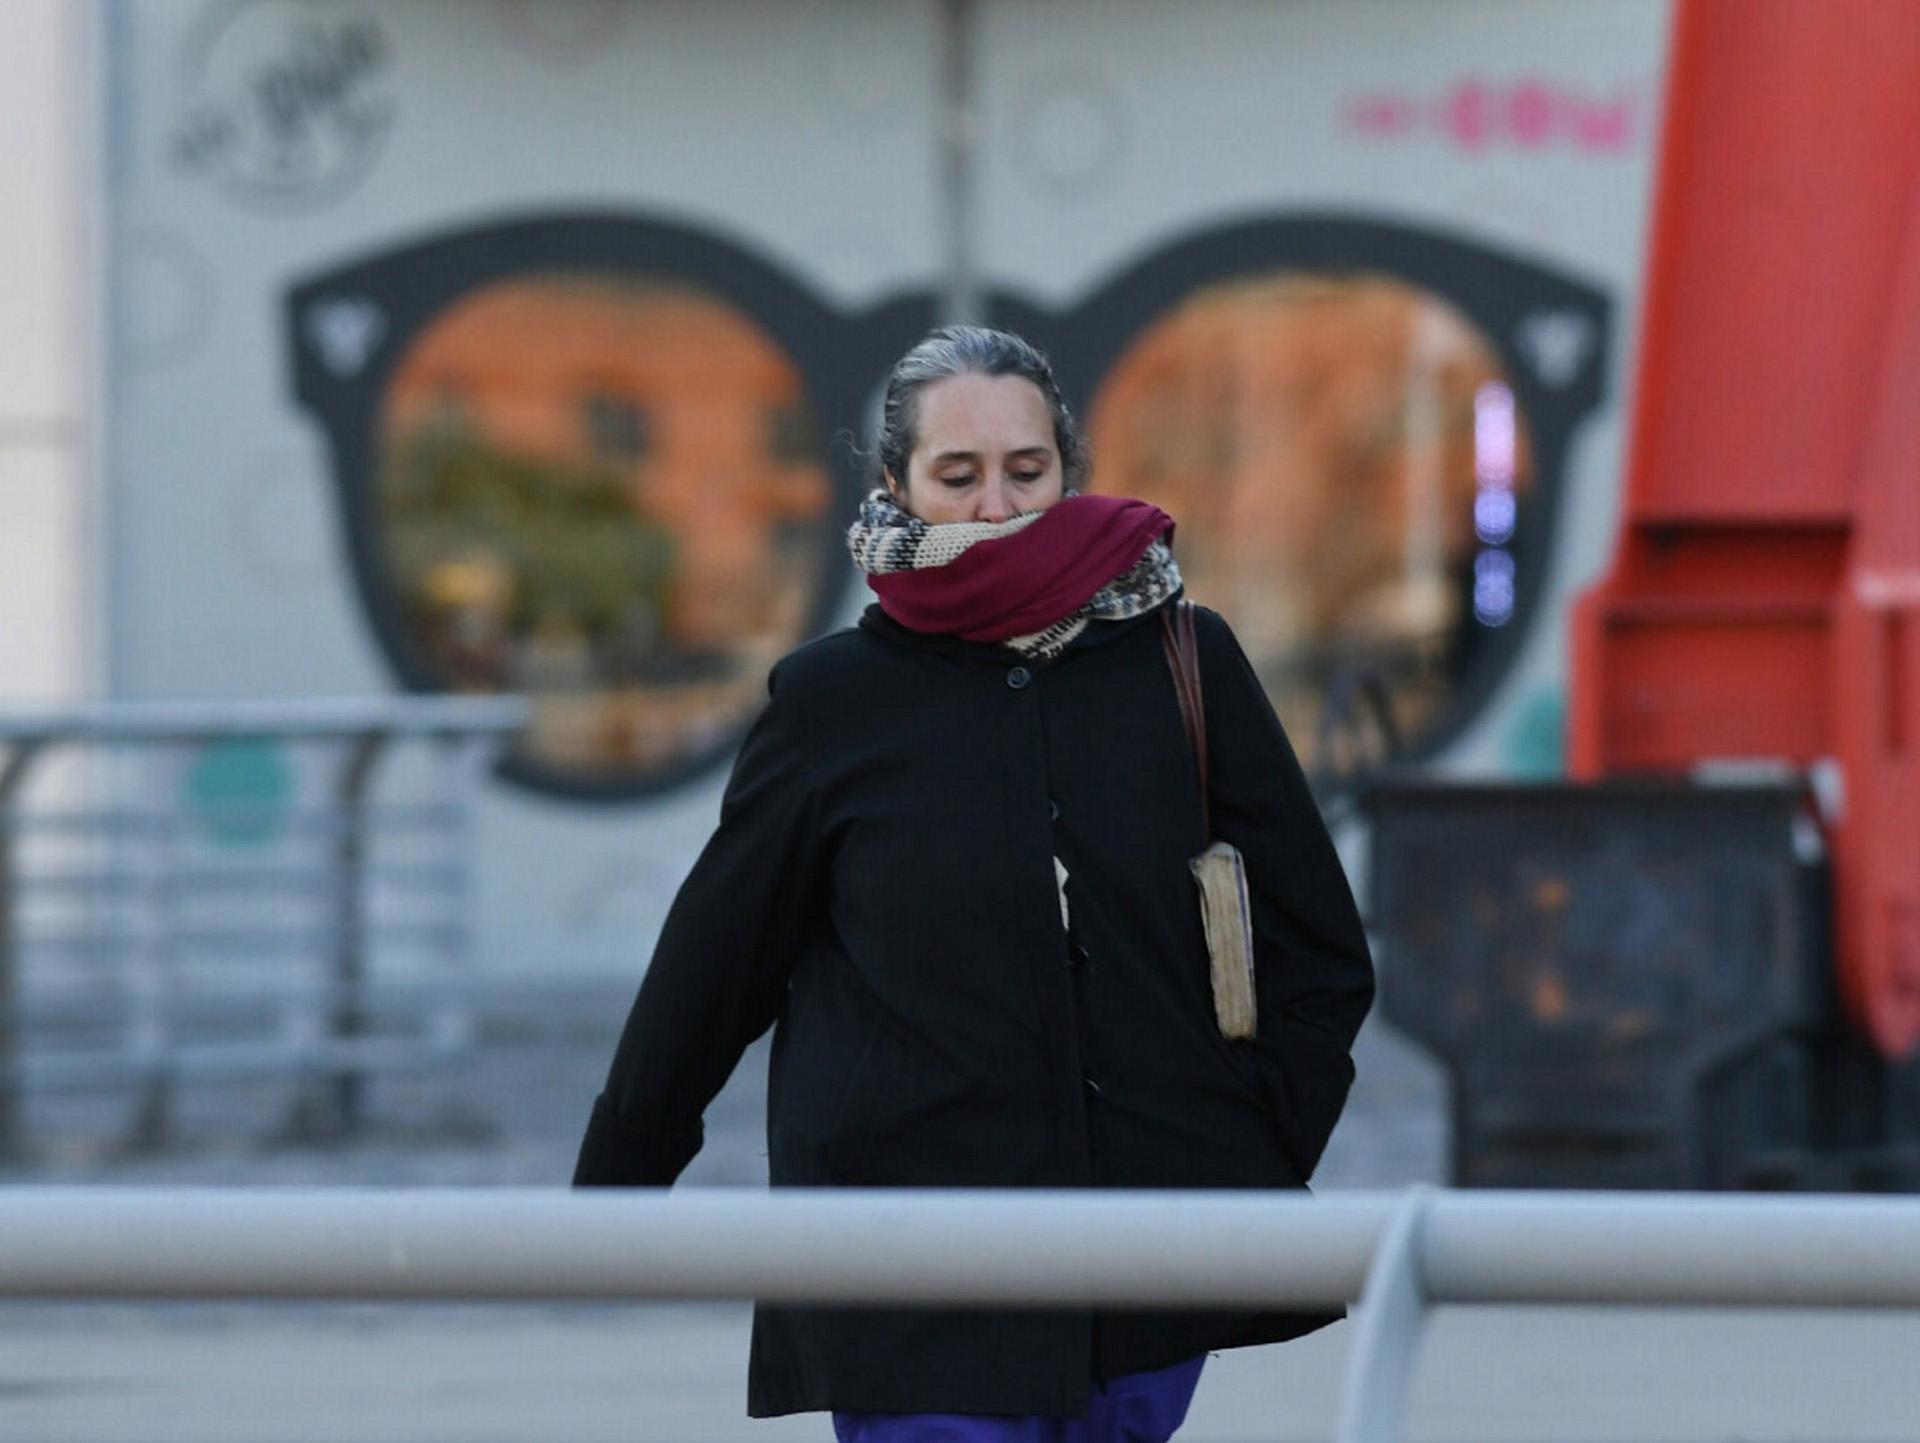 La ola polar impactó de lleno en Buenos Aires, donde se registró la mañana más fría del año con un grado